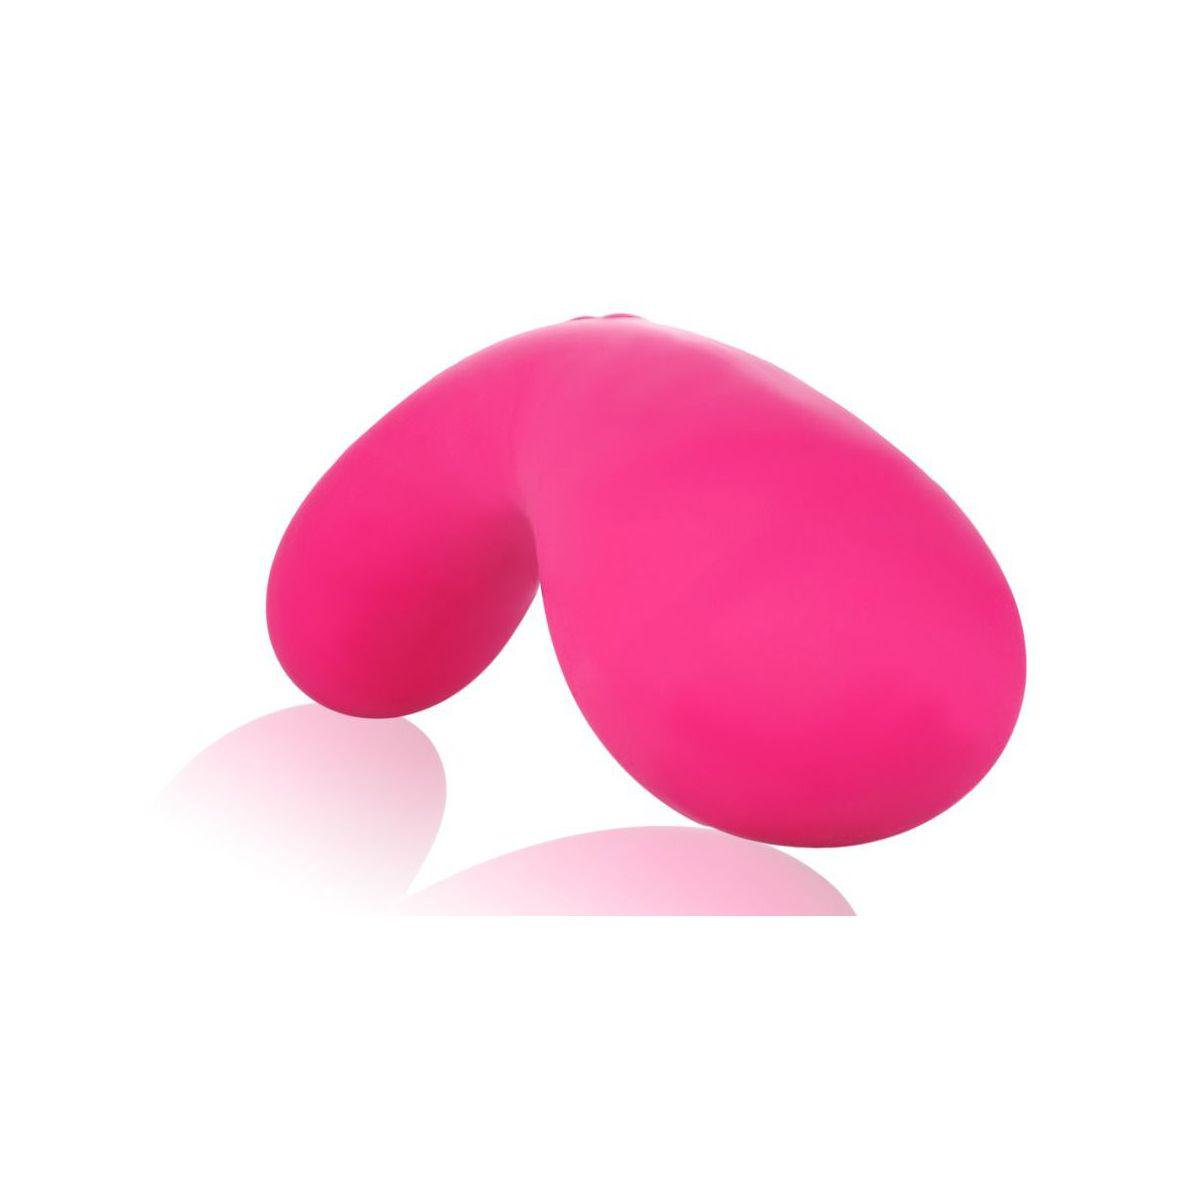 Vibrador rosa con 2 potentes motores en cada extremo y 7 vibraciones